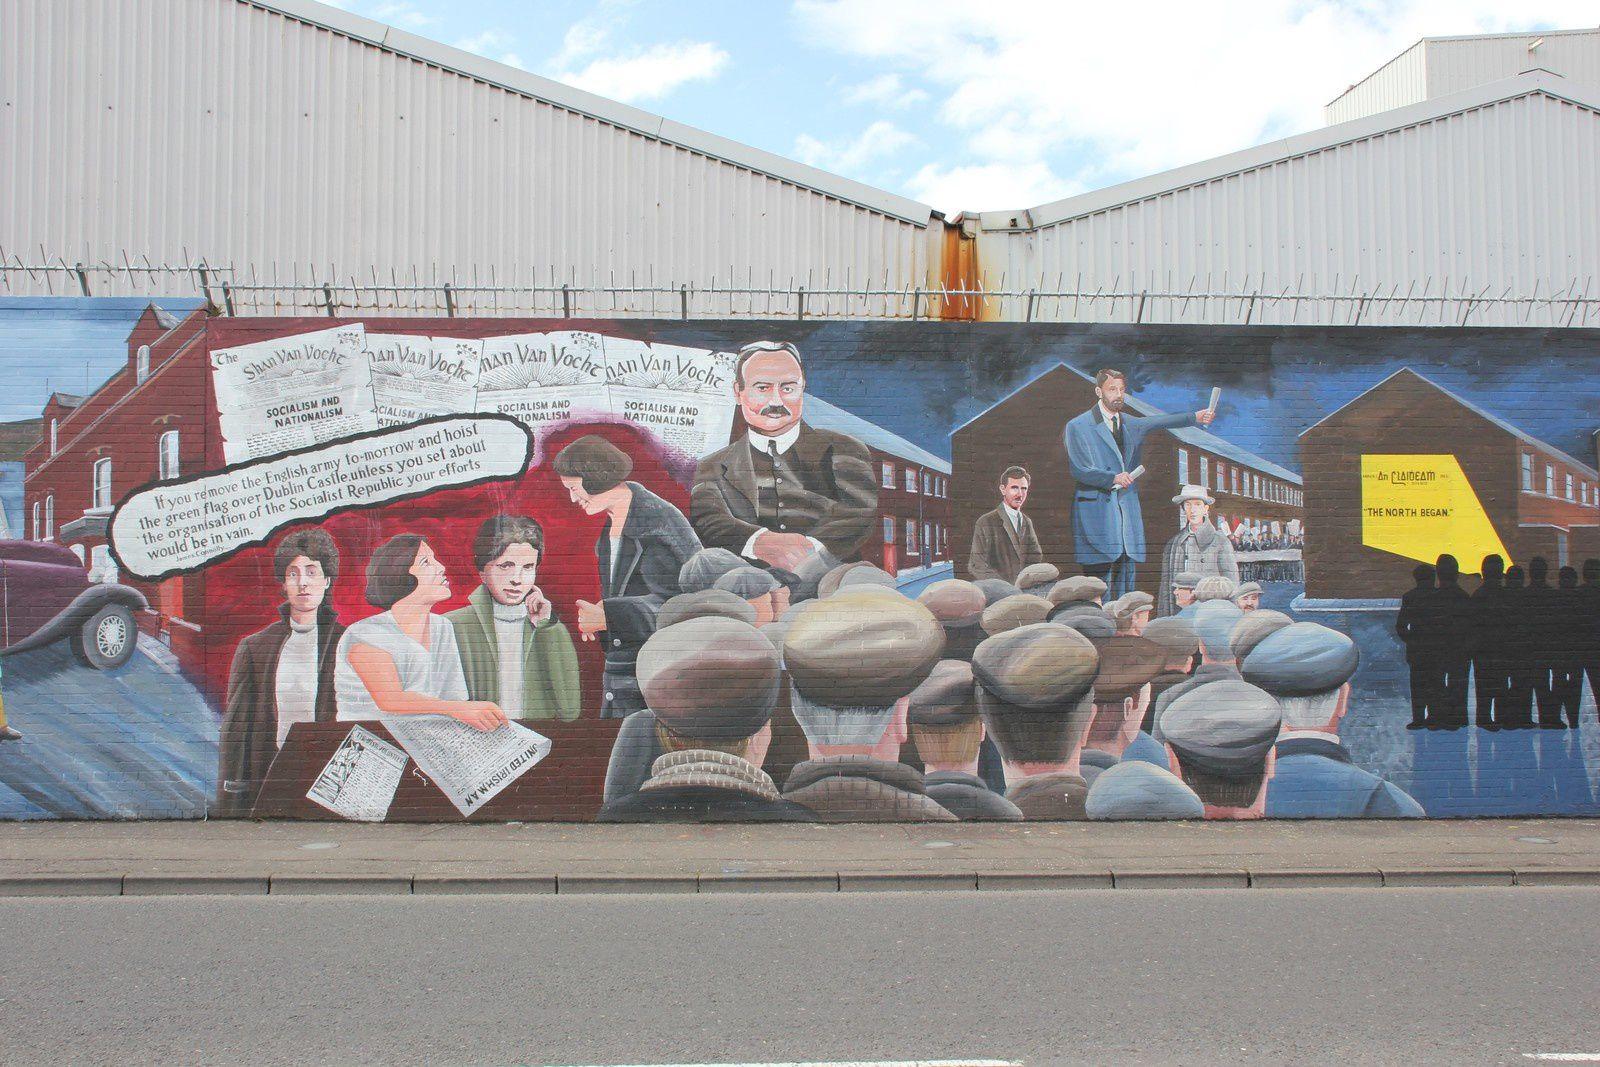 685) Divis Street, international Wall